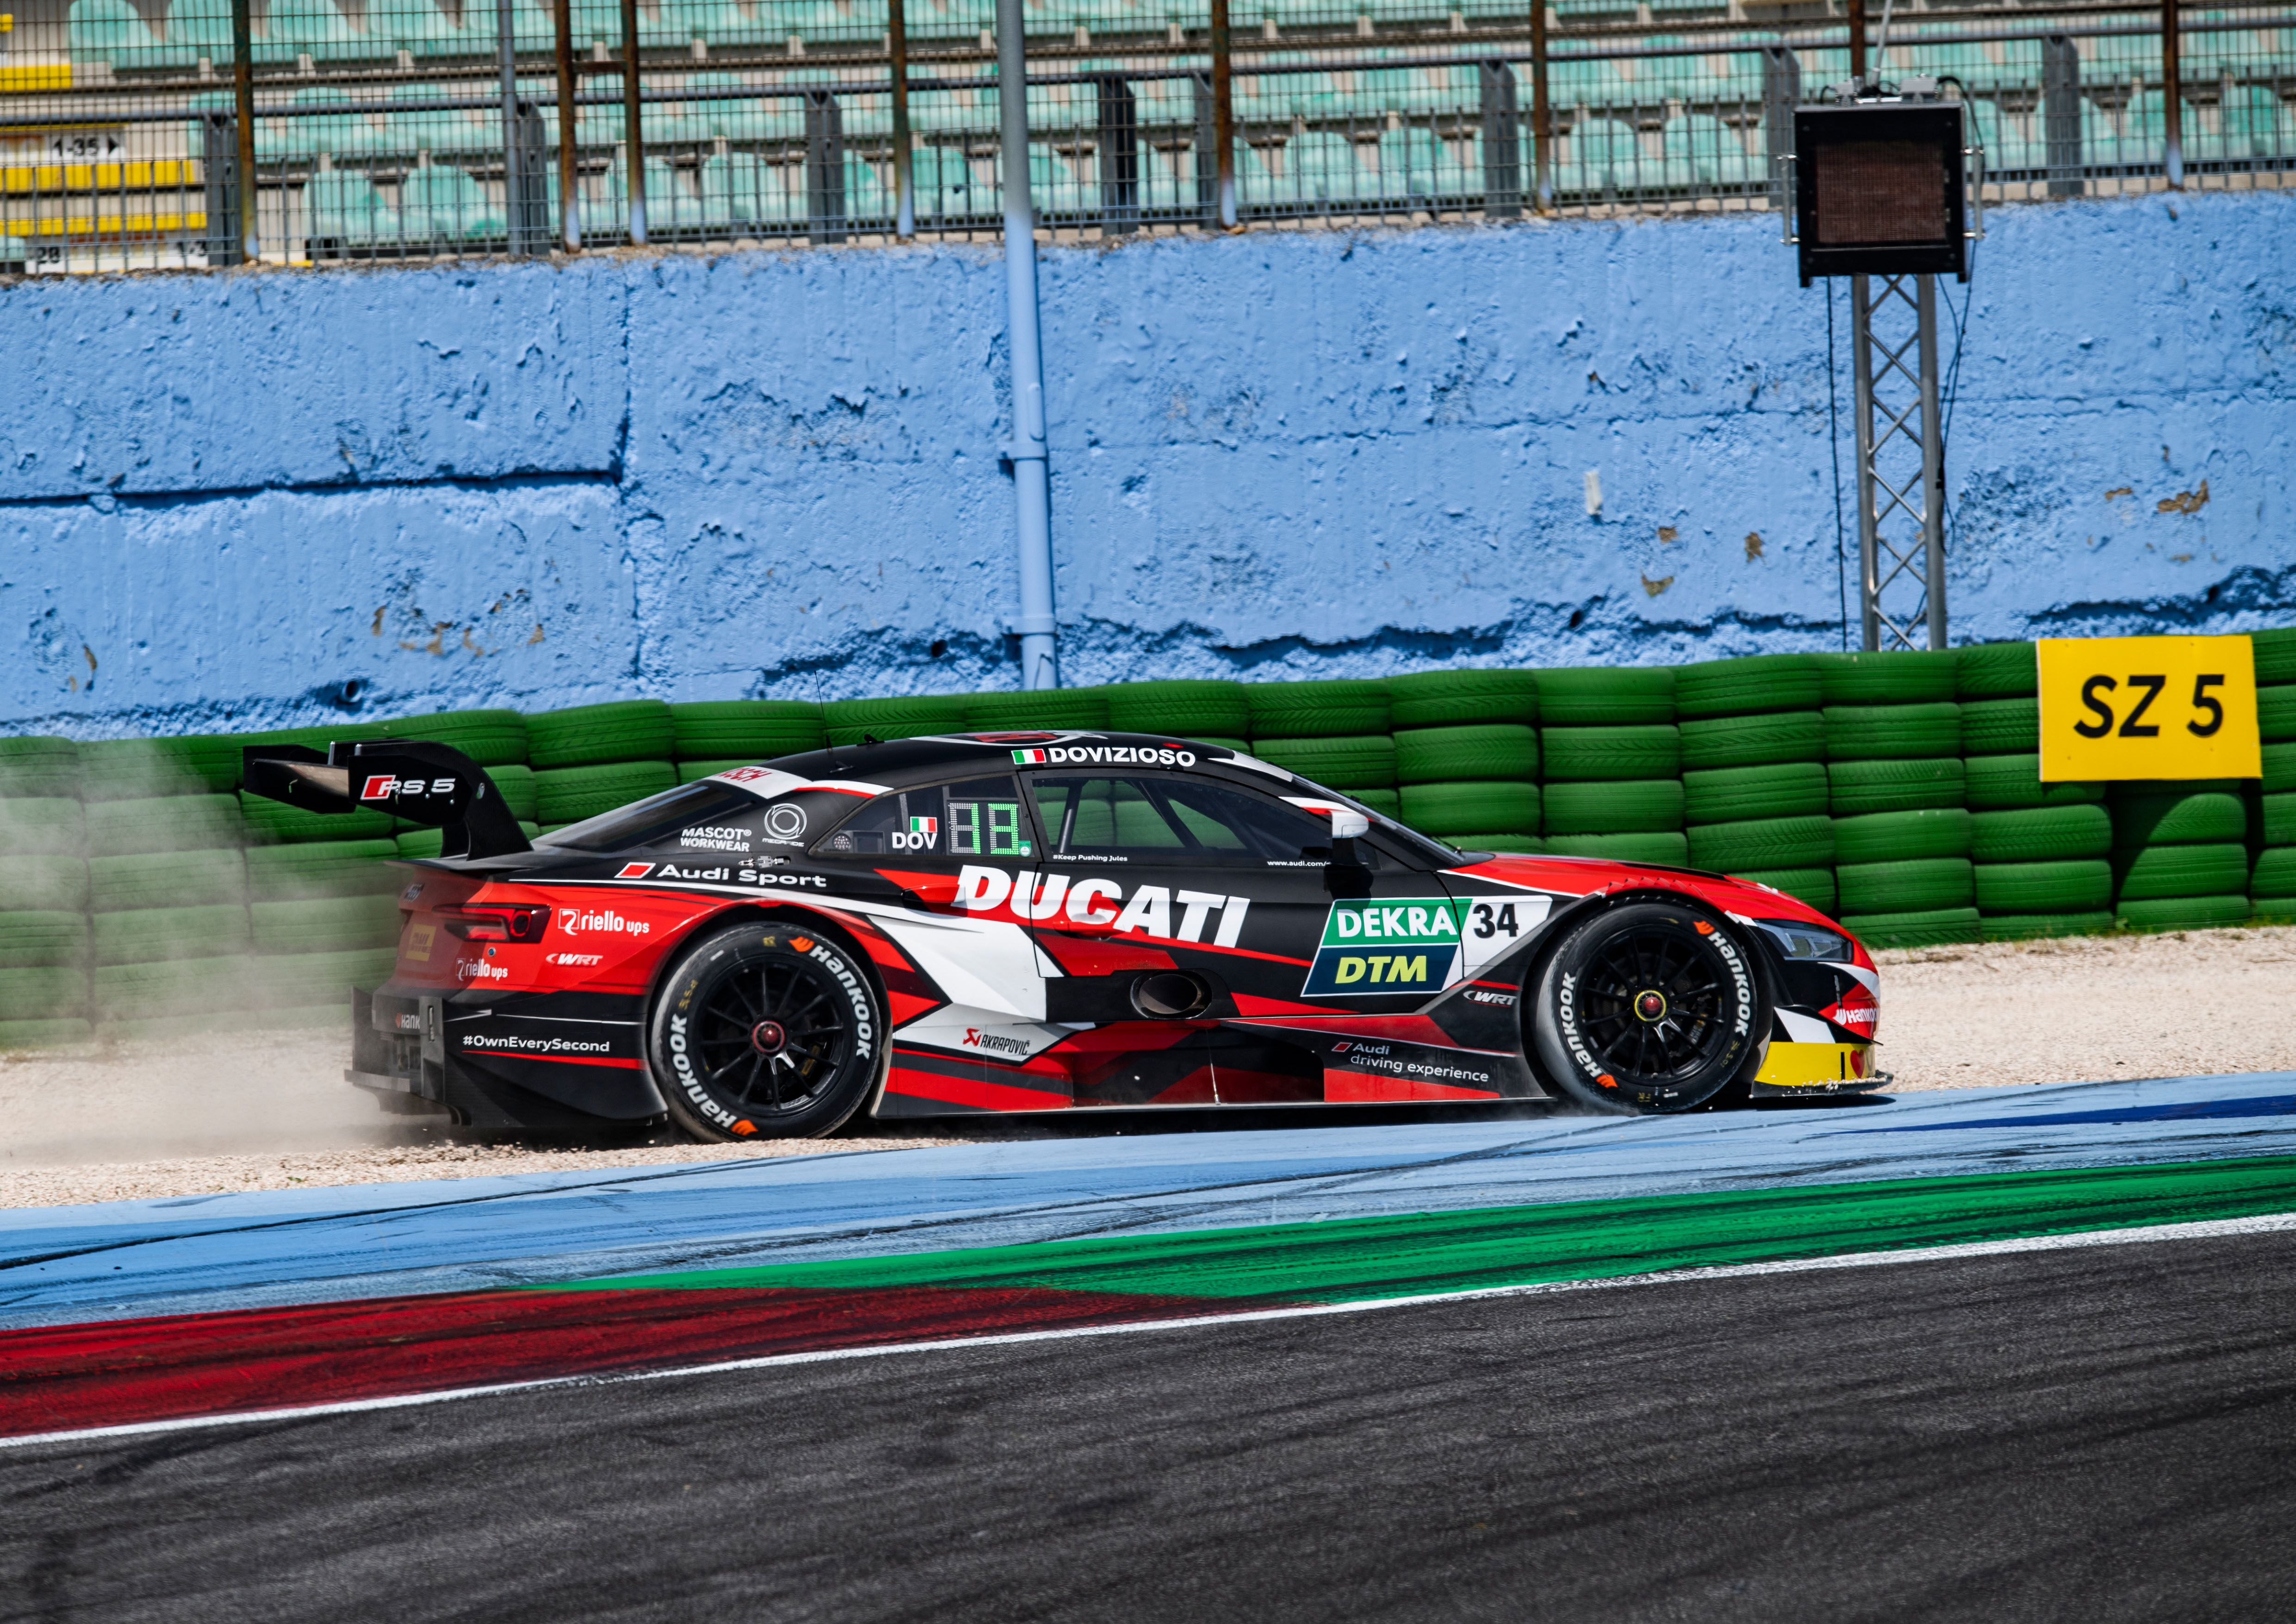 Andrea Dovizioso, MotoGP, DTM